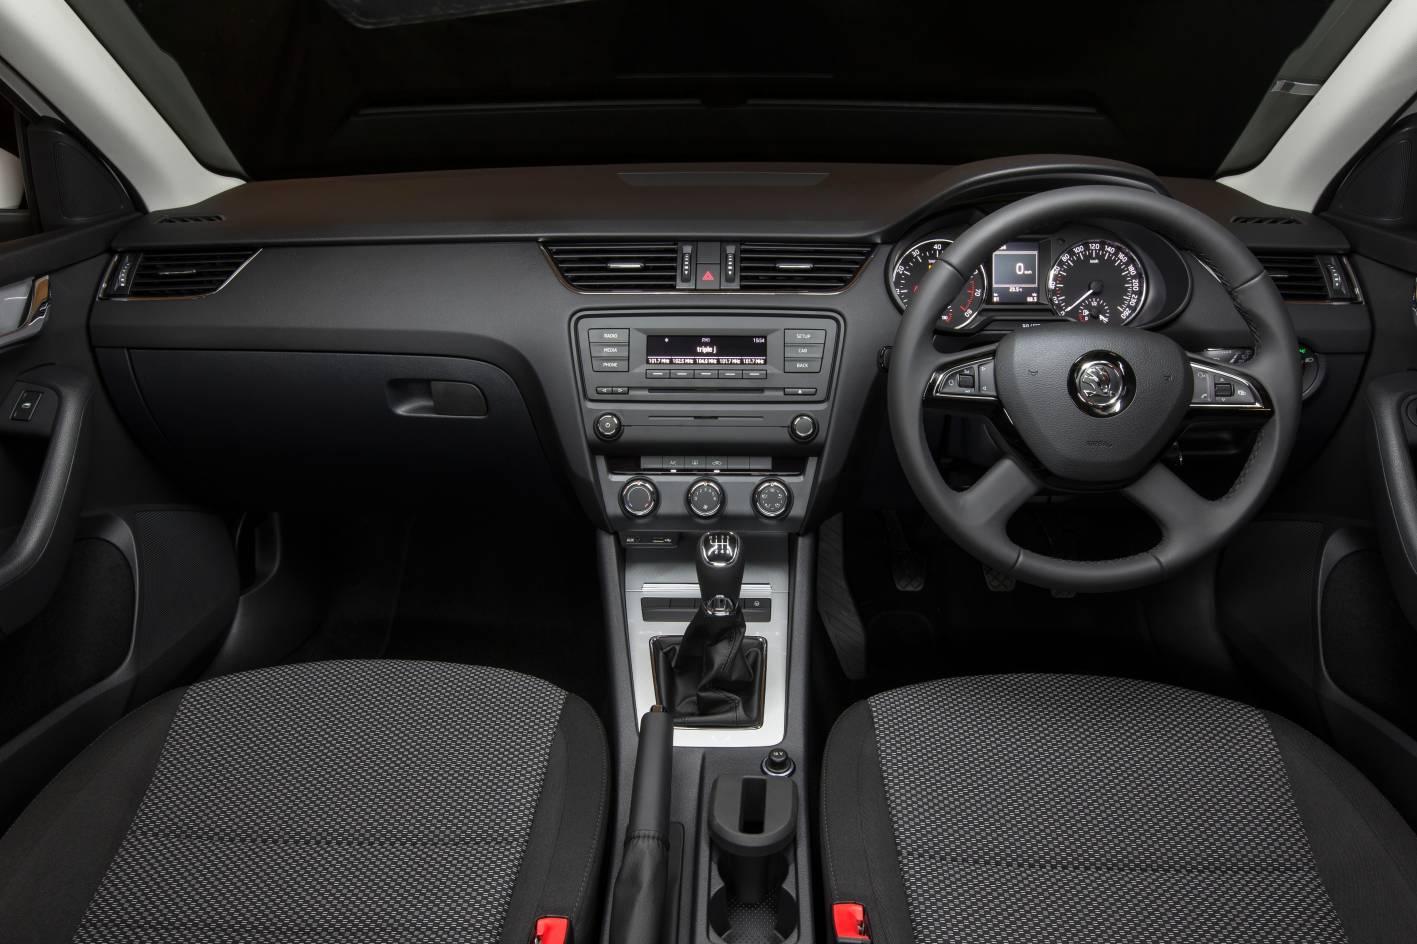 Skoda Octavia Ambition interior dashboard - ForceGT.com